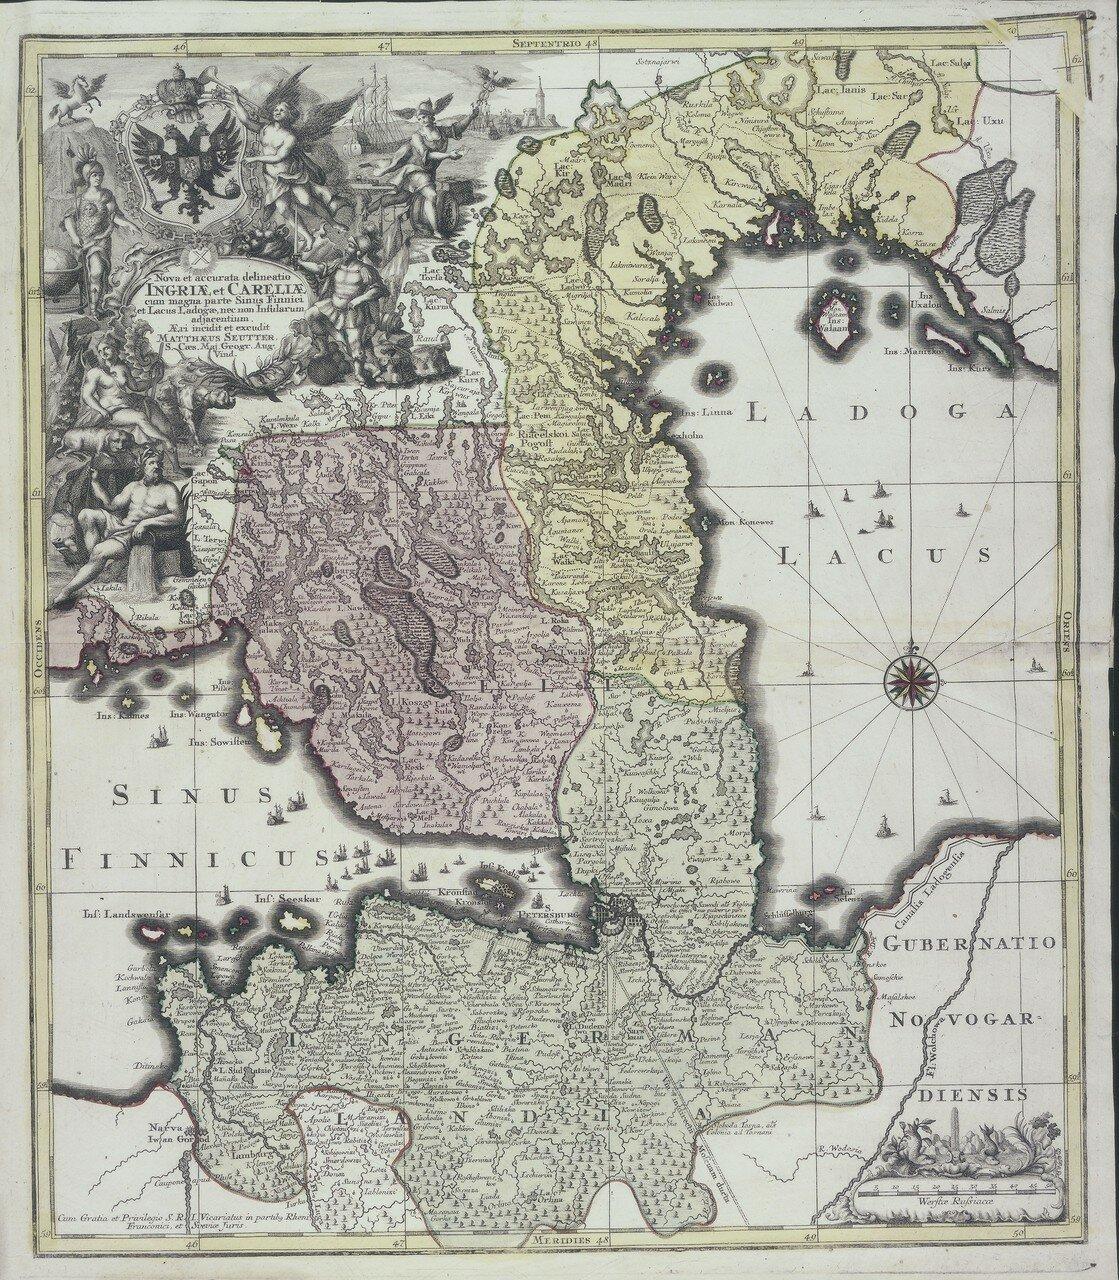 1740. Точное разграничение Финского залива и Ладожского озера